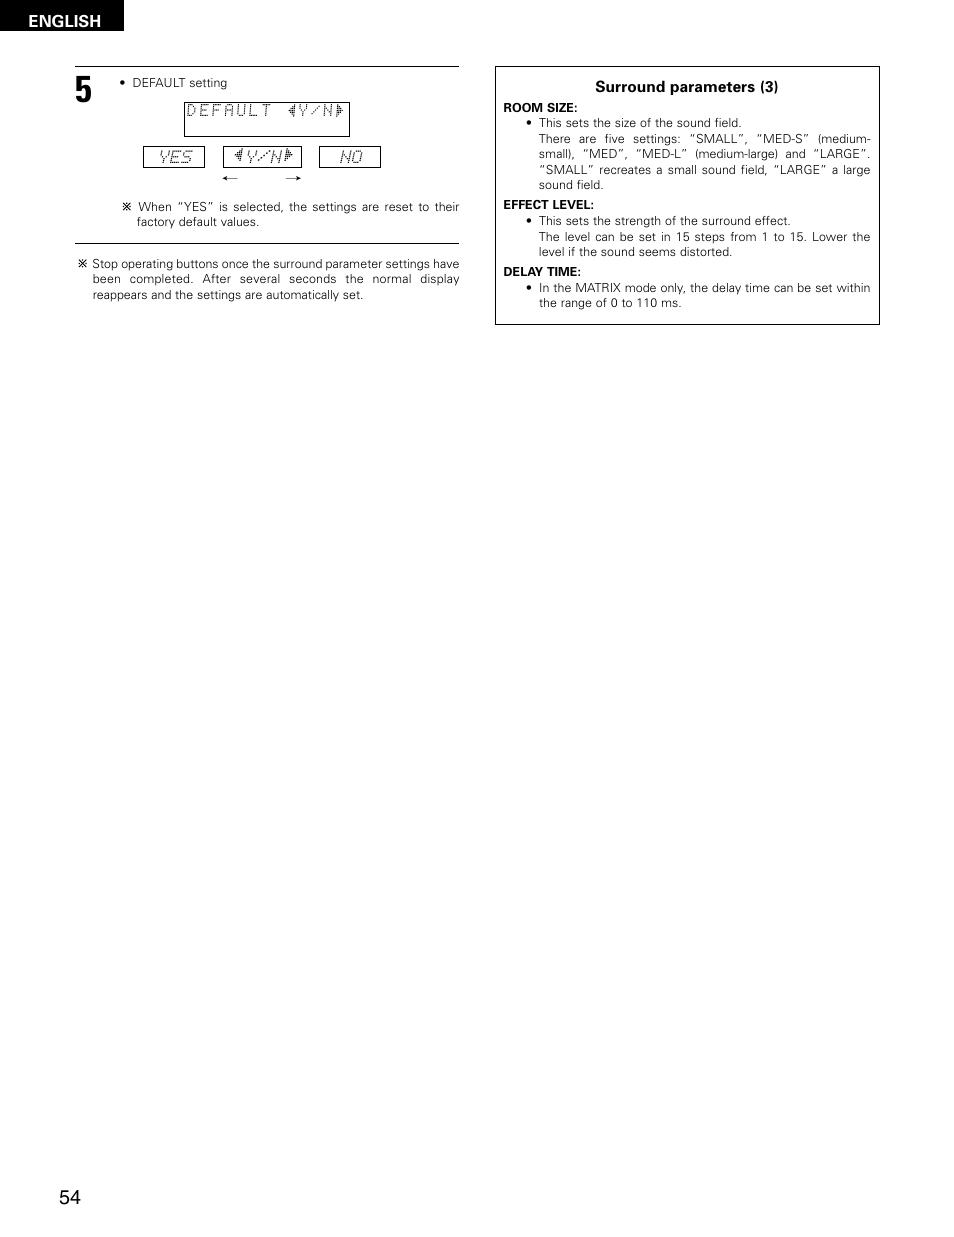 6fc875dfe2e Denon ADV-M71 User Manual